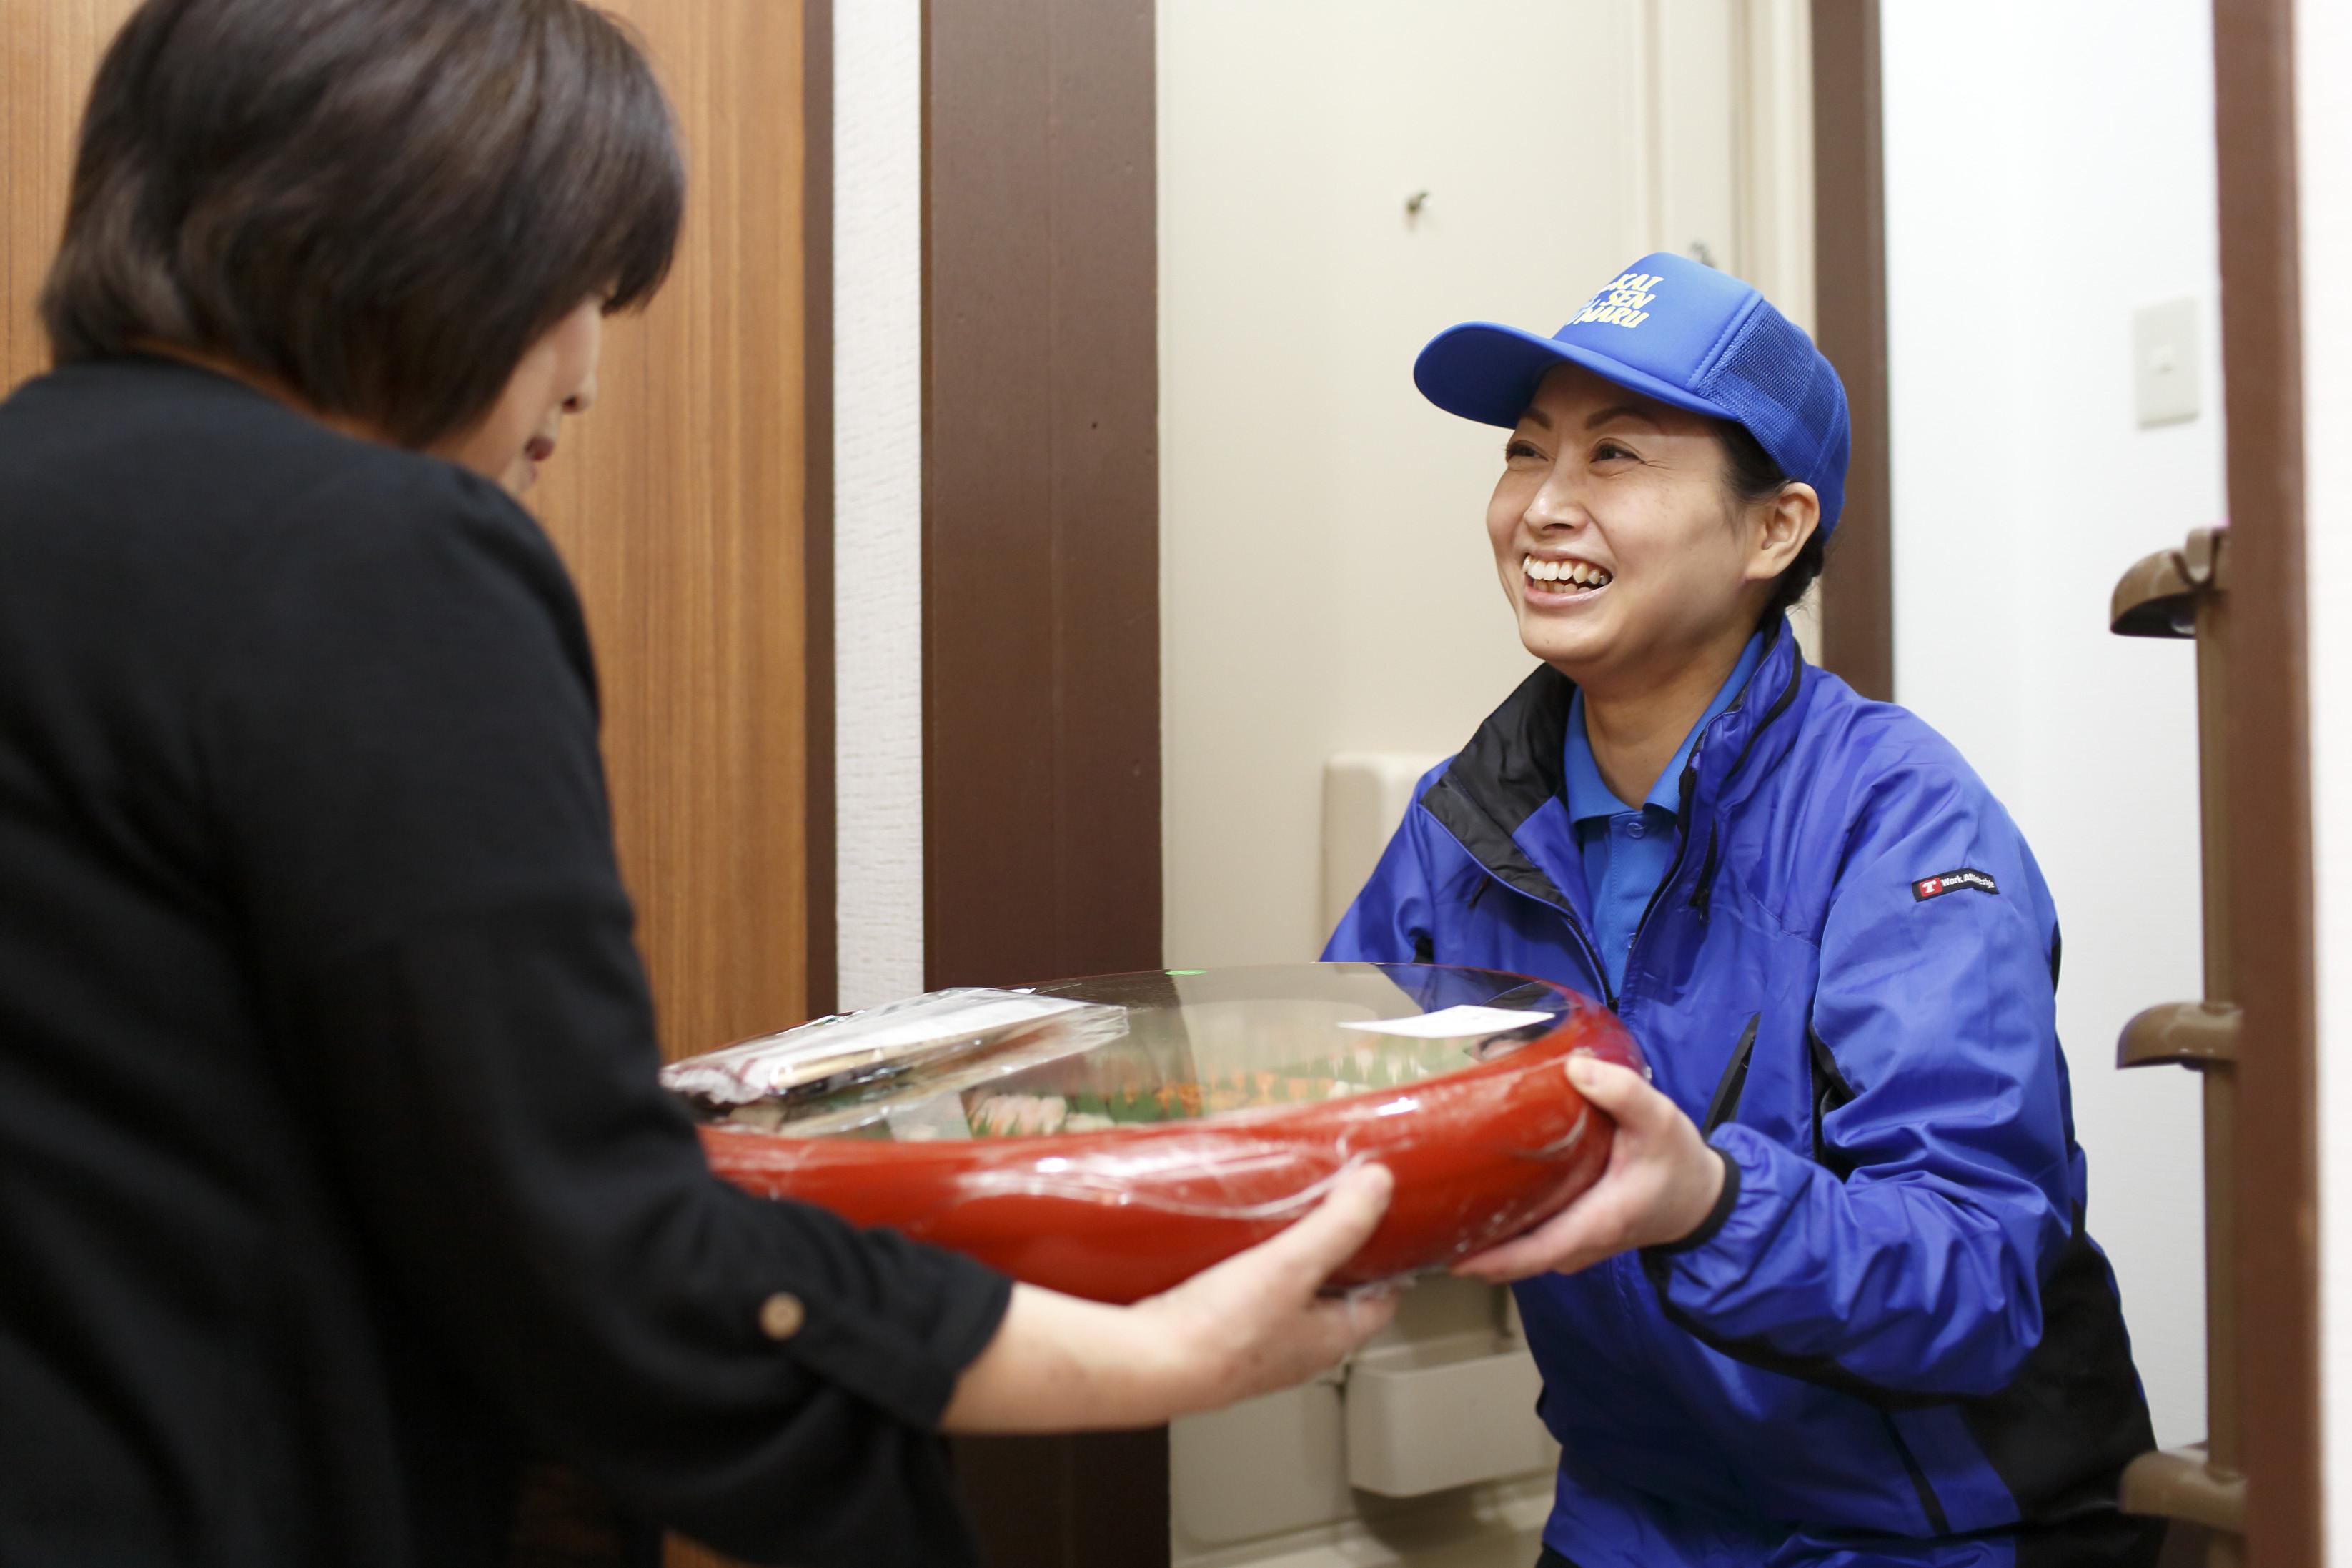 札幌海鮮丸 名寄店 デリバリー(配達)スタッフのアルバイト情報